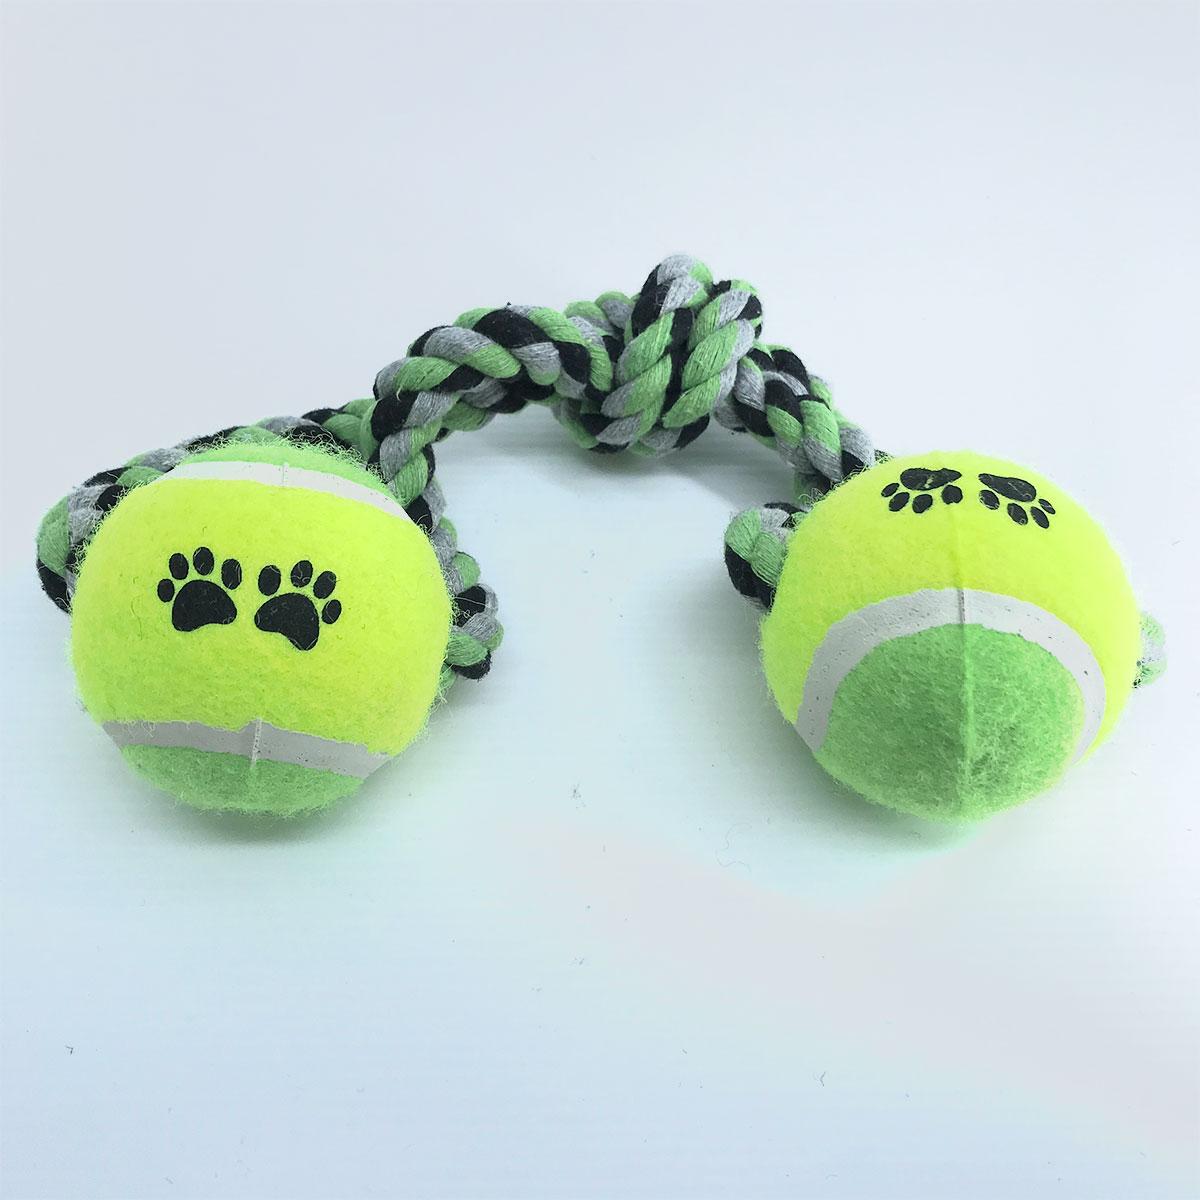 Brinquedo Mordedor Corda com 2 bolas para Cães